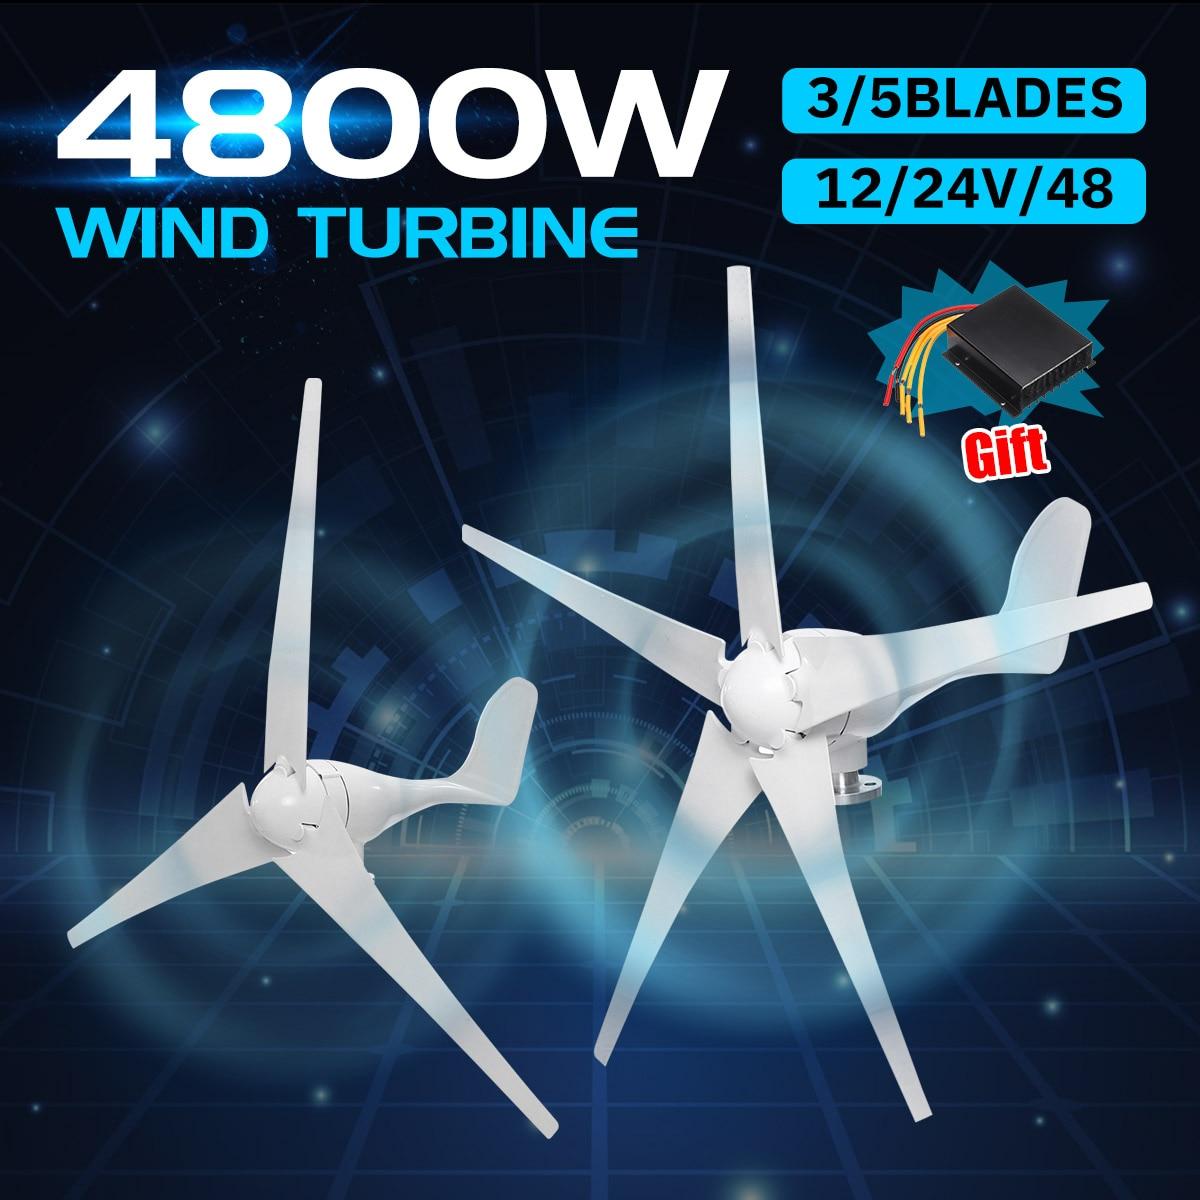 4800 w 12/24/48 v gerador de turbinas eólicas 3/5 lâminas de vento opção com controlador de carga à prova dwaterproof água apto para casa ou acampamento